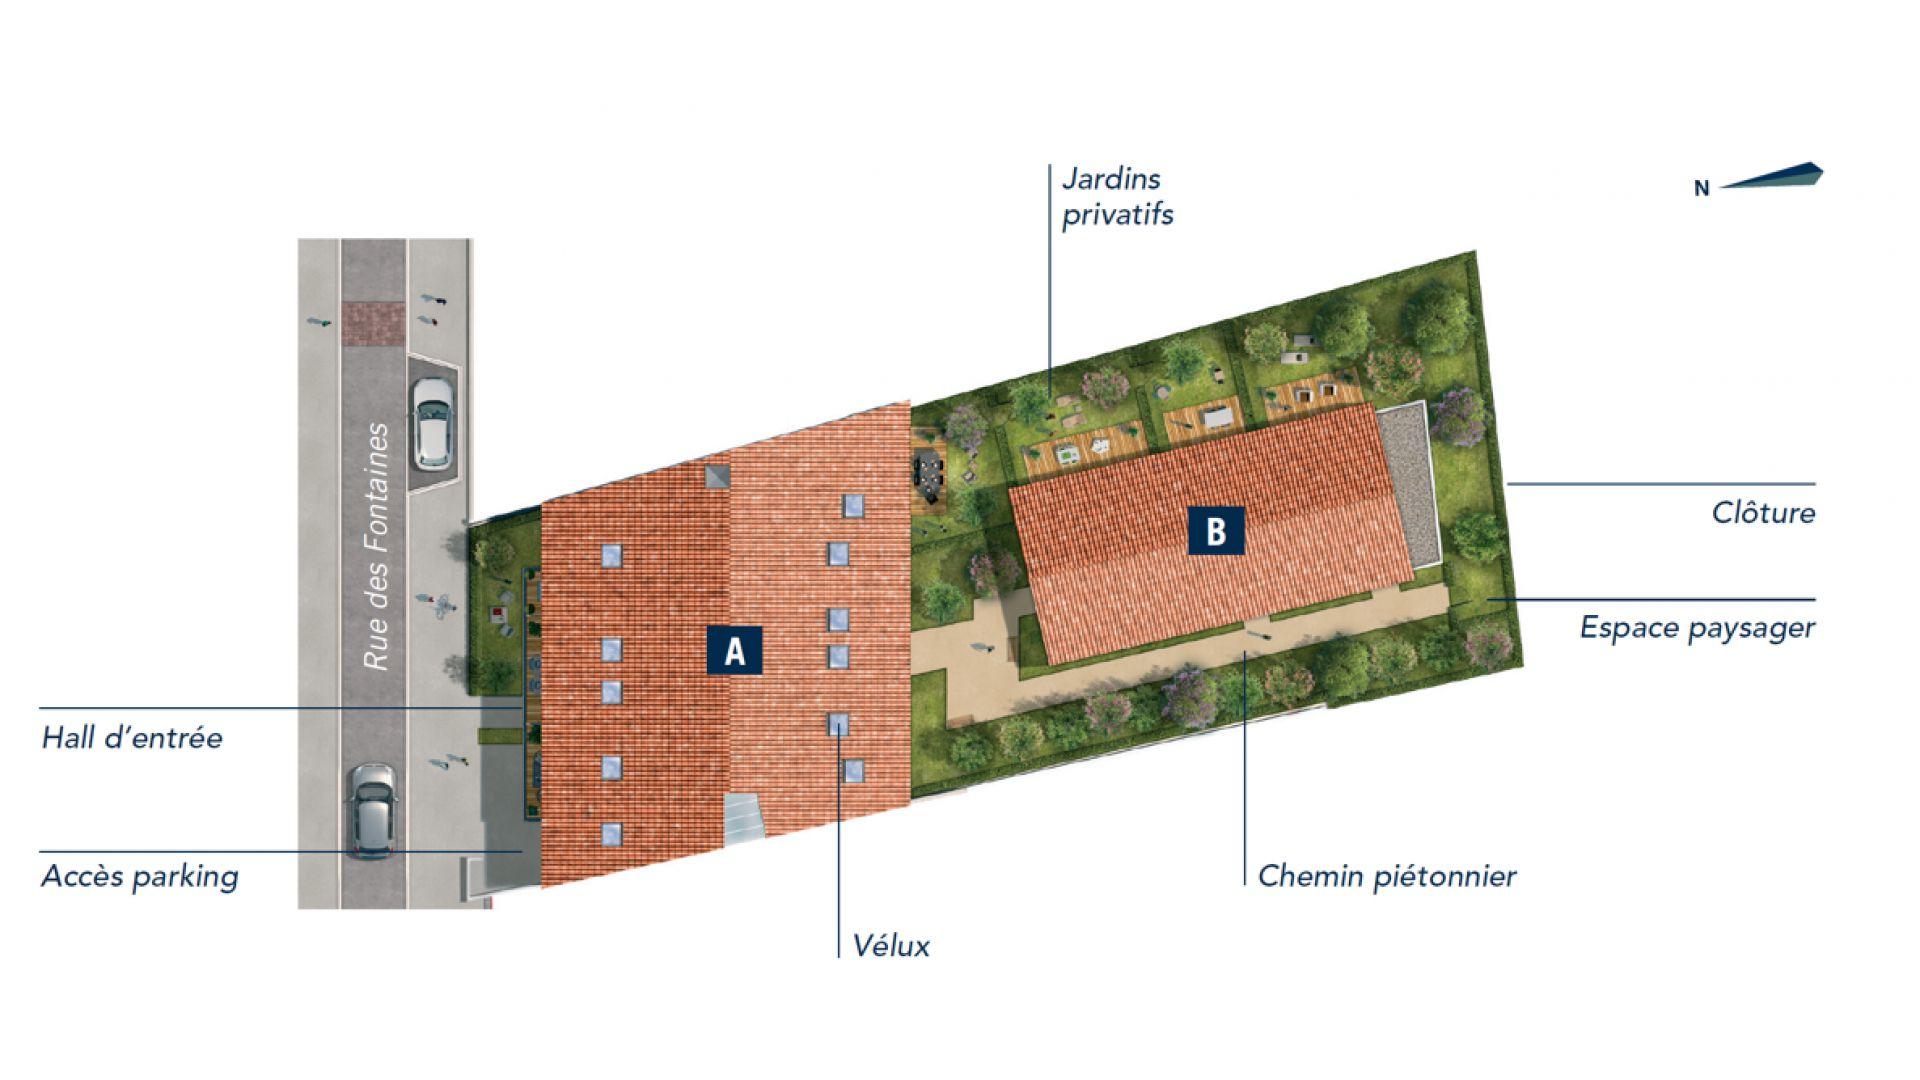 GreenCity immobilier - Toulouse rue des Fontaines - 31300 - résidence Villa Patricia - appartement T2 - T3 - T4 - T5 - plan de masse